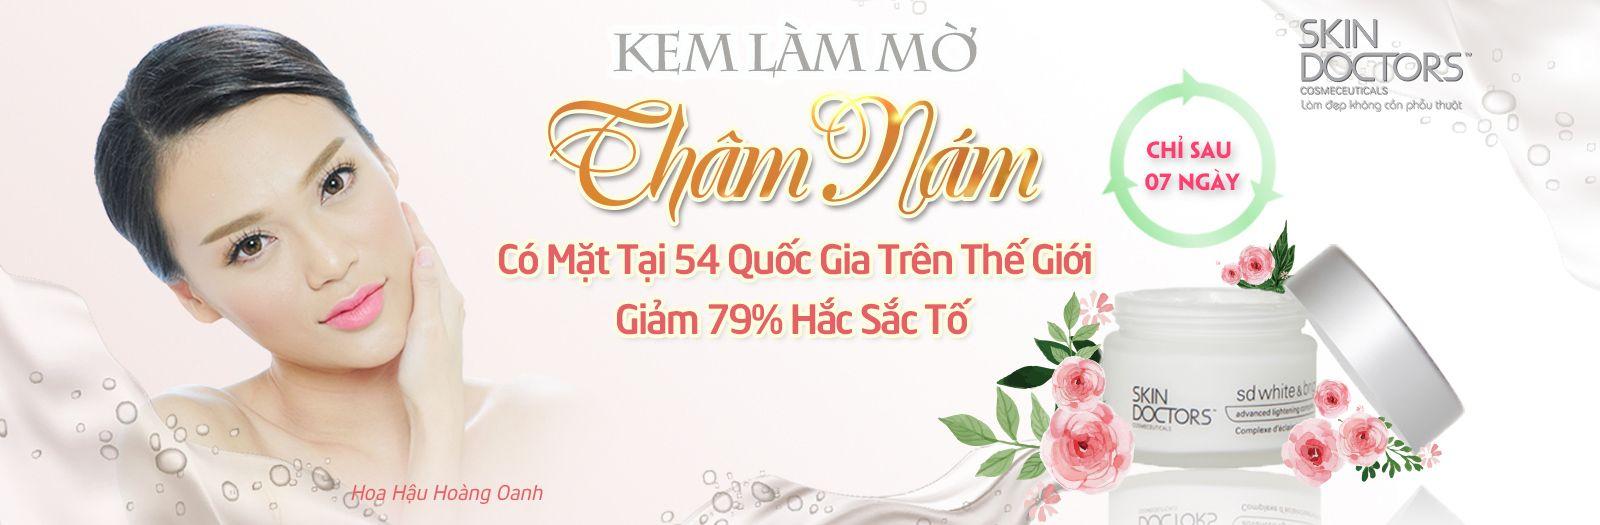 kem-lam-mo-1600×525(SD)